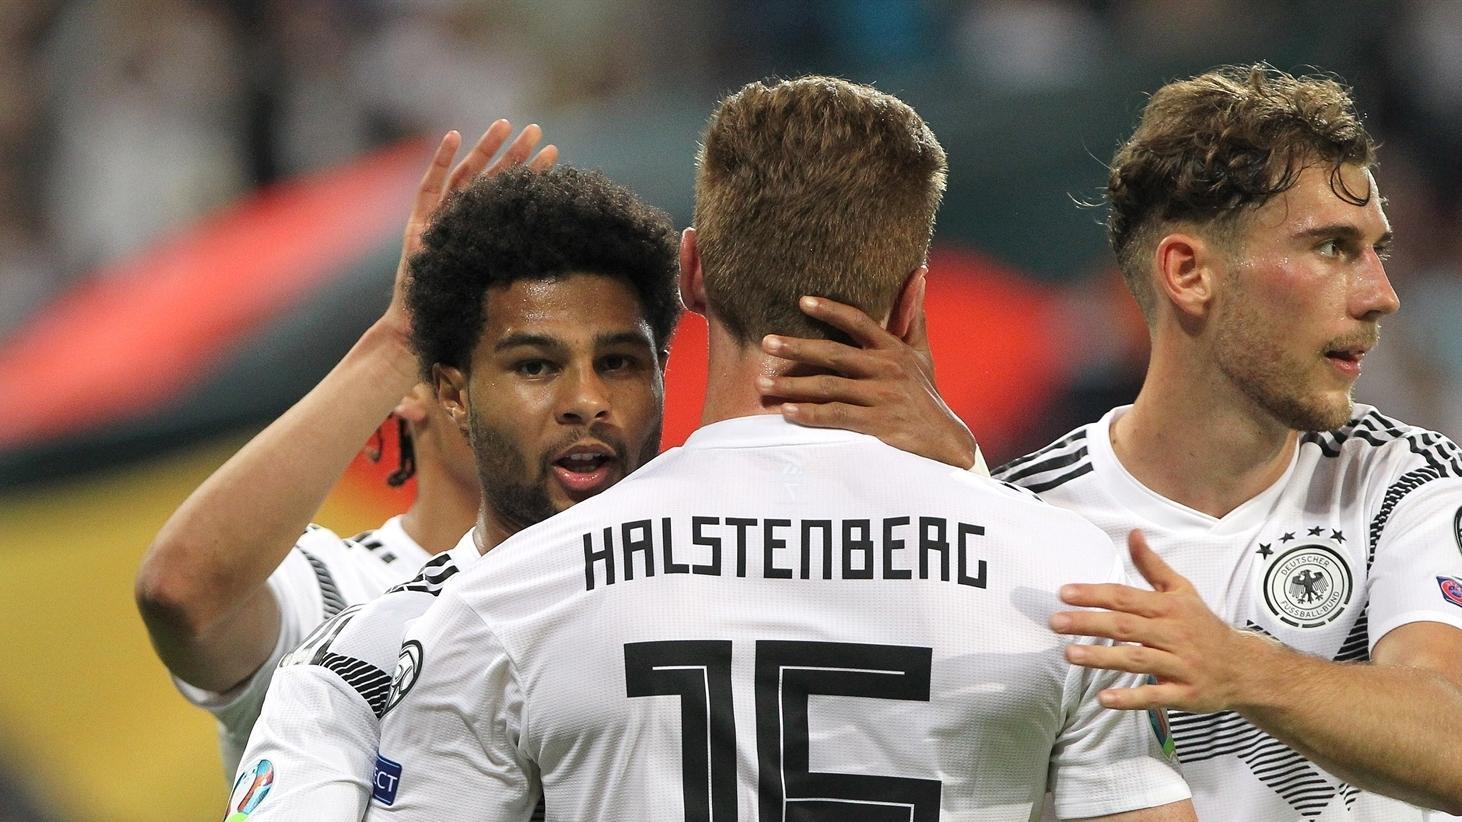 TICKET UEFA Euro 2016 Deutschland Germany Ukraine # Match 7